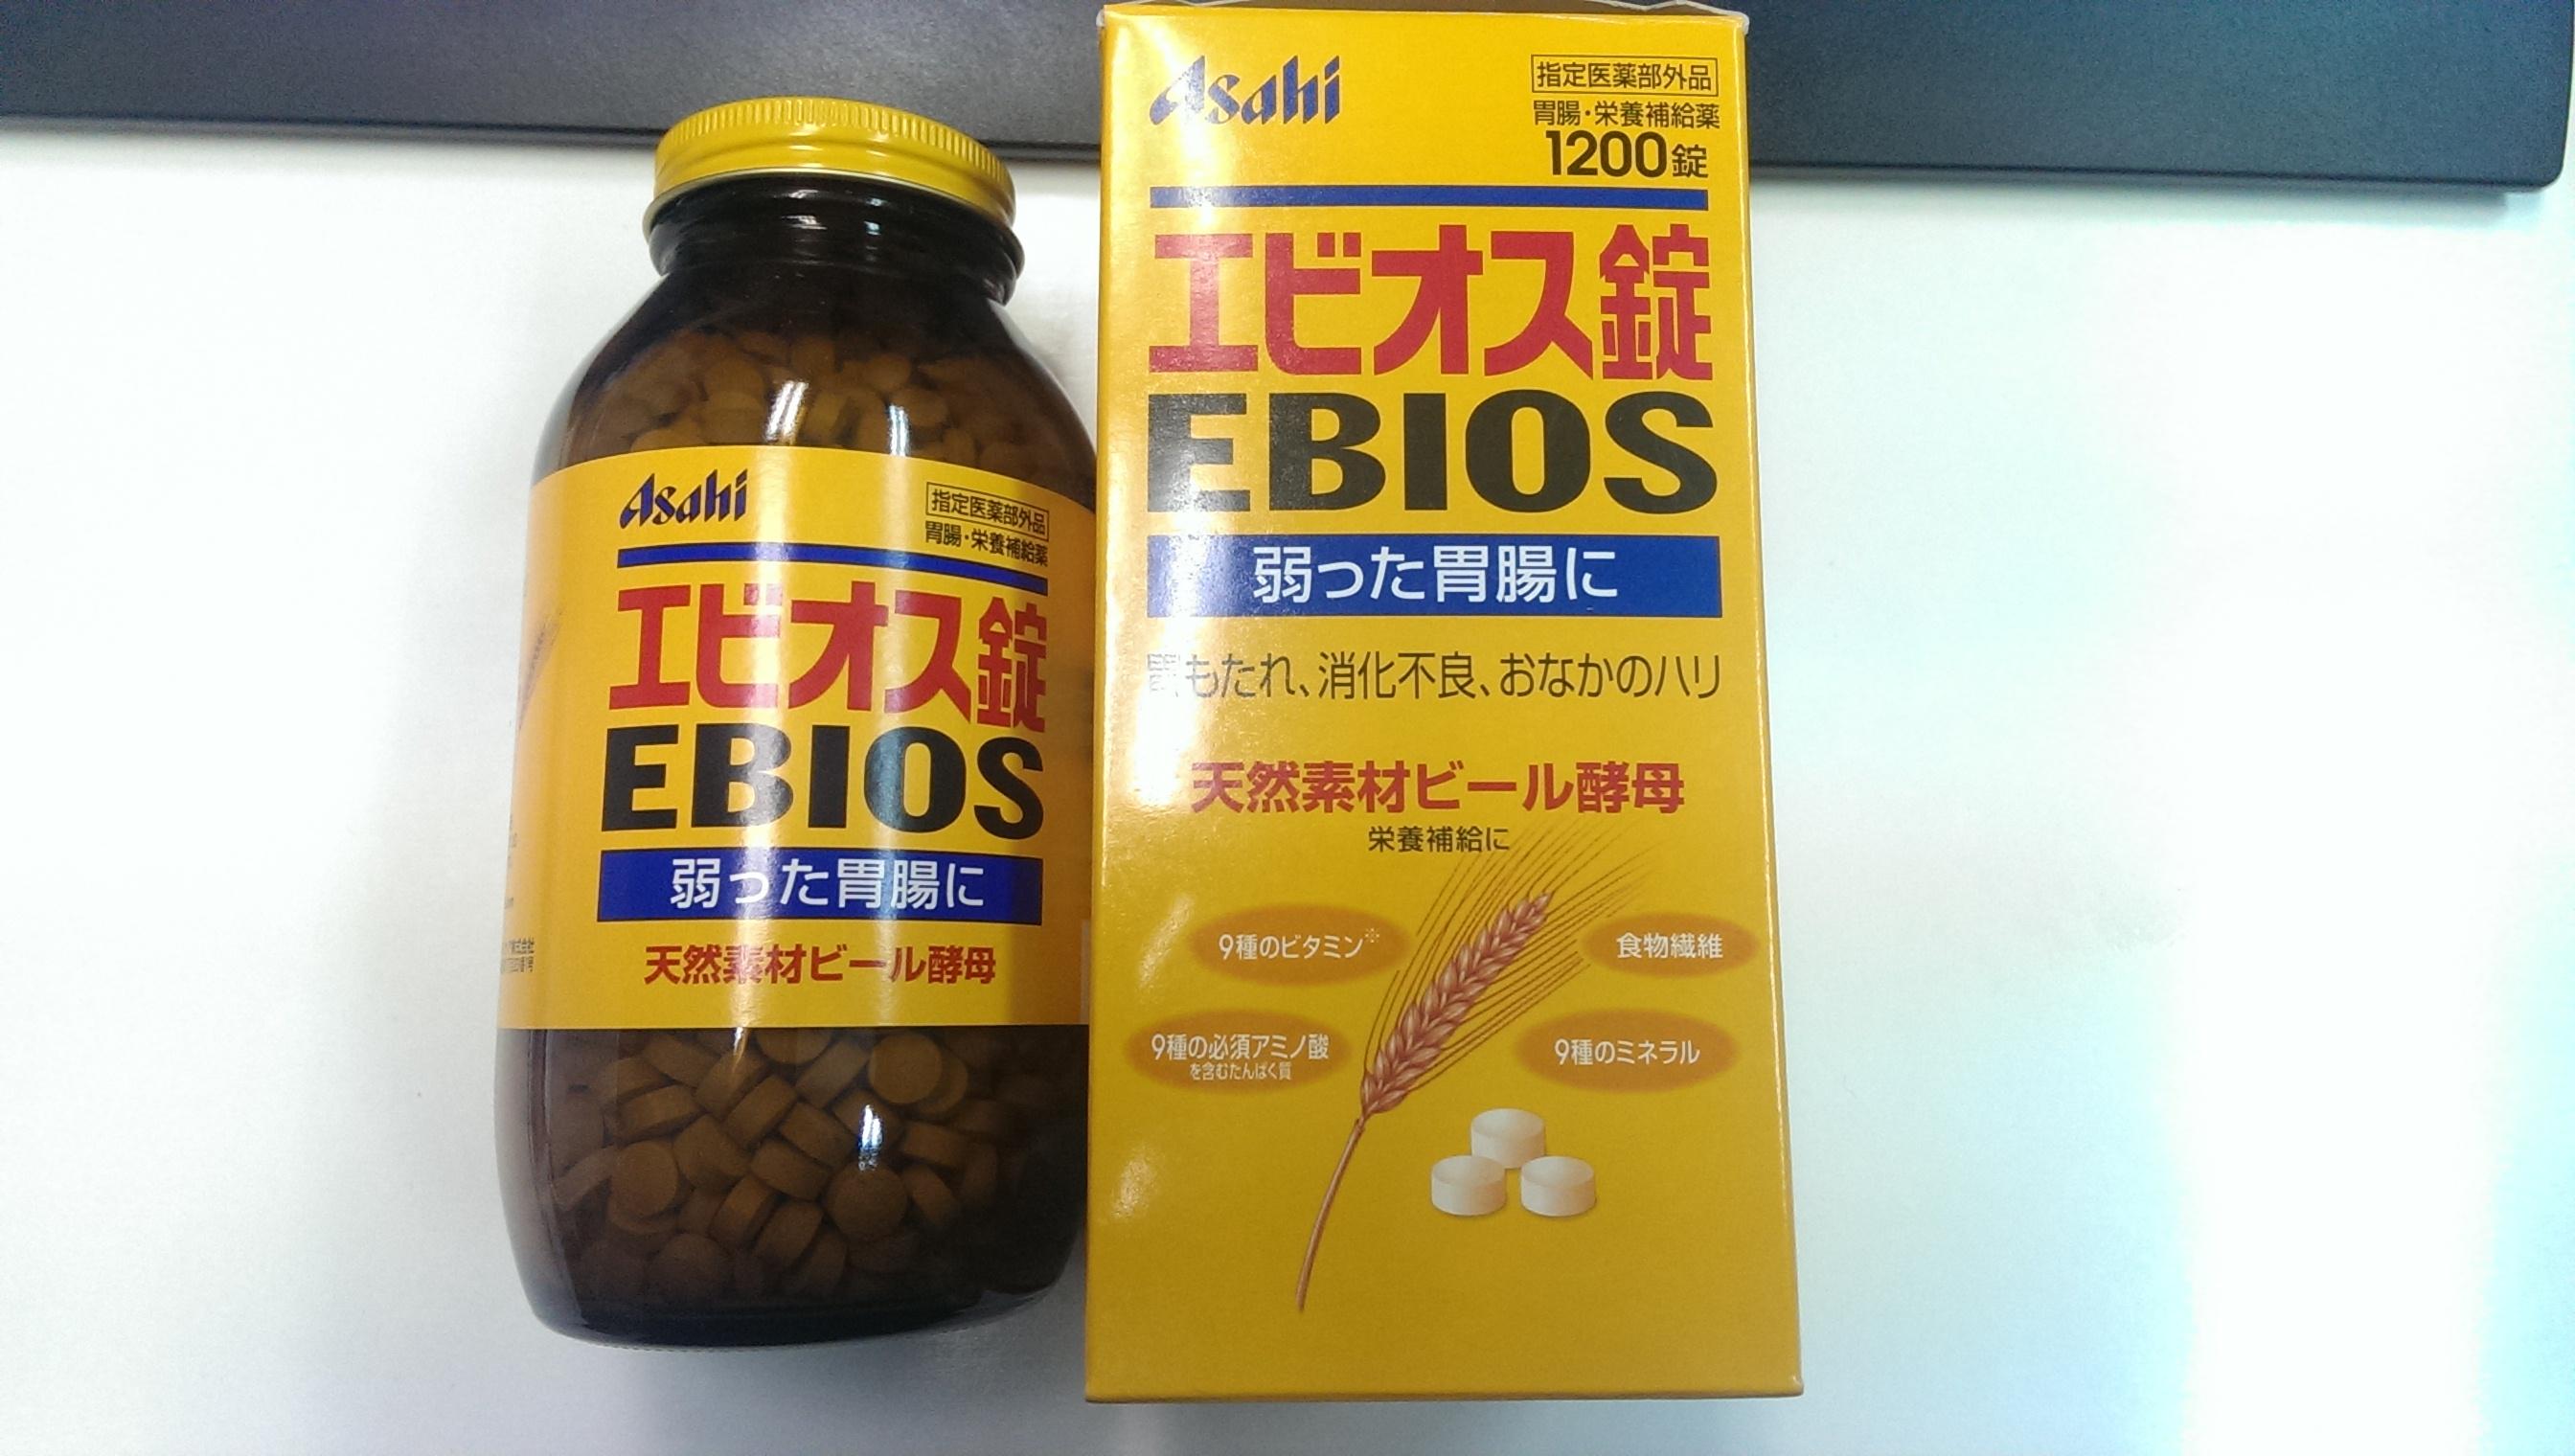 エビオス錠の効果と副作用をまとめてみた